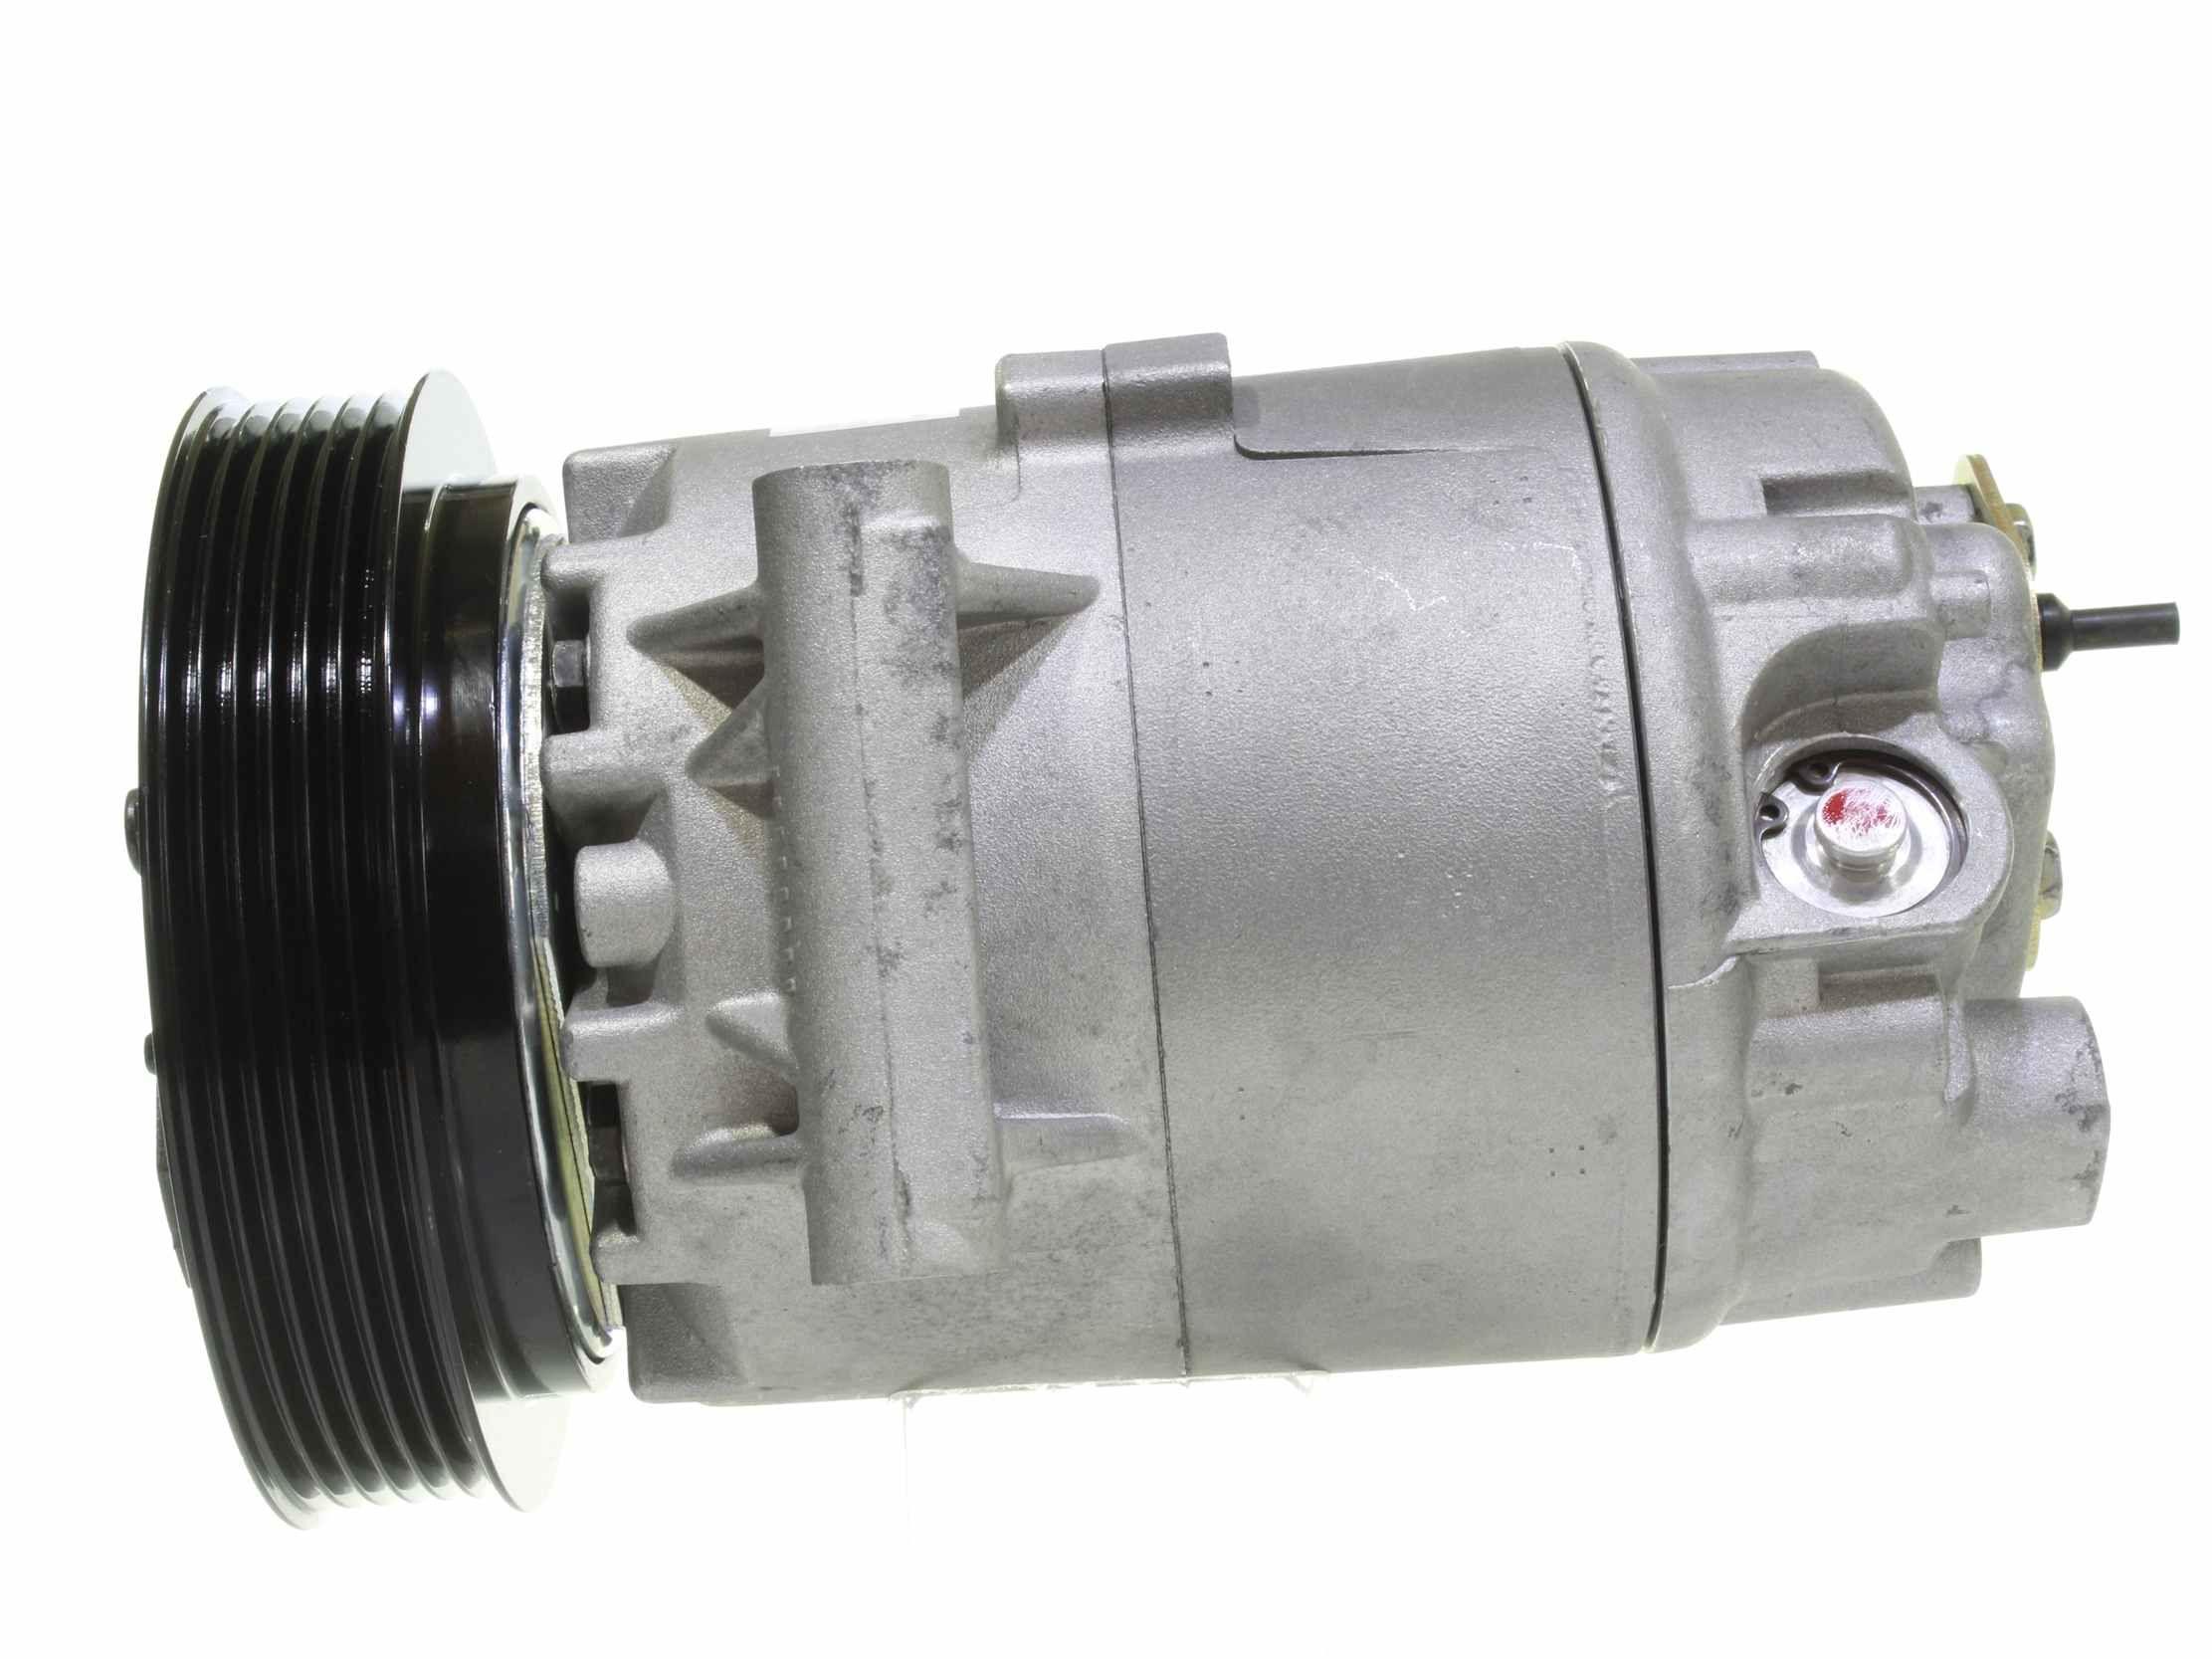 CVC ALANKO PAG 46 Riemenscheiben-Ø: 125mm Kompressor, Klimaanlage 10550403 günstig kaufen